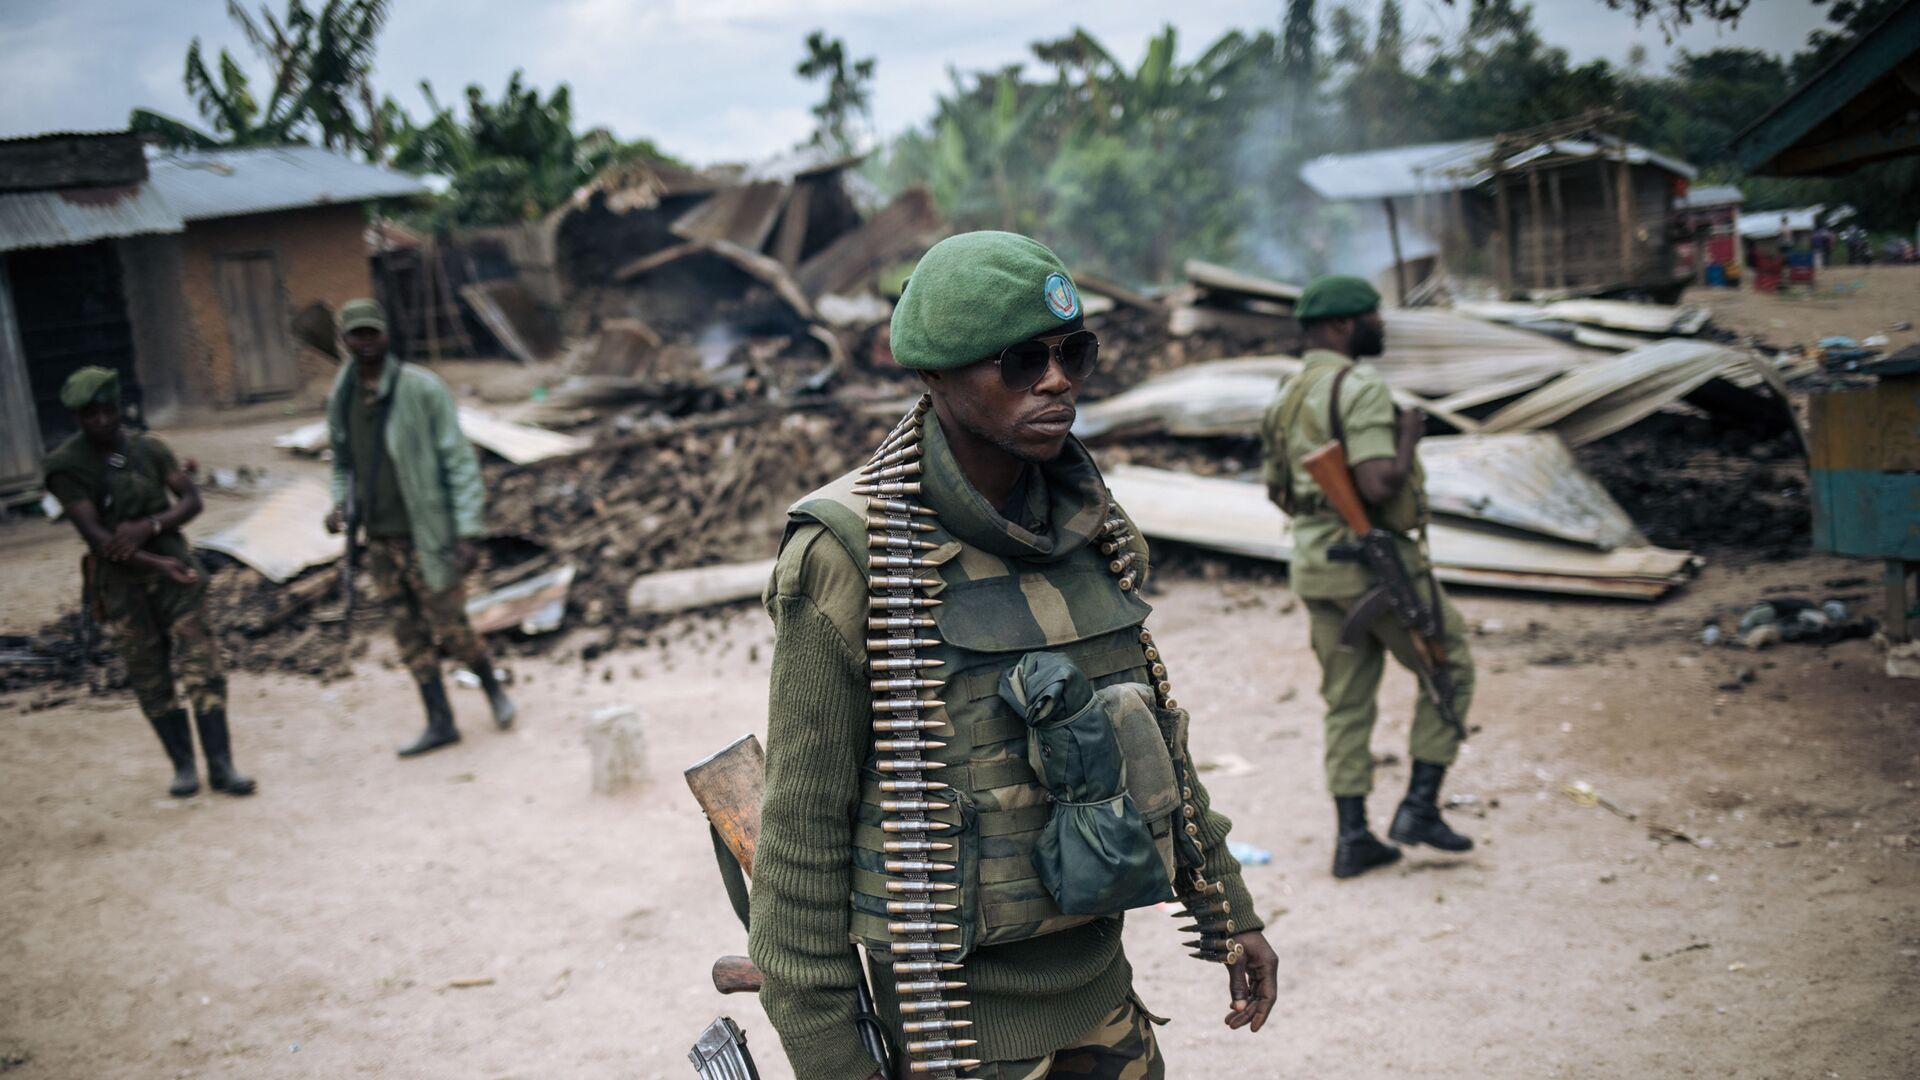 Un soldat des Forces armées de la République démocratique du Congo (FARDC) participe à une patrouille dans le village de Manzalaho près de Beni le 18 février 2020, à la suite d'une attaque qui aurait été perpétrée par des membres du groupe Forces démocratiques alliées (ADF) - Sputnik France, 1920, 24.06.2021